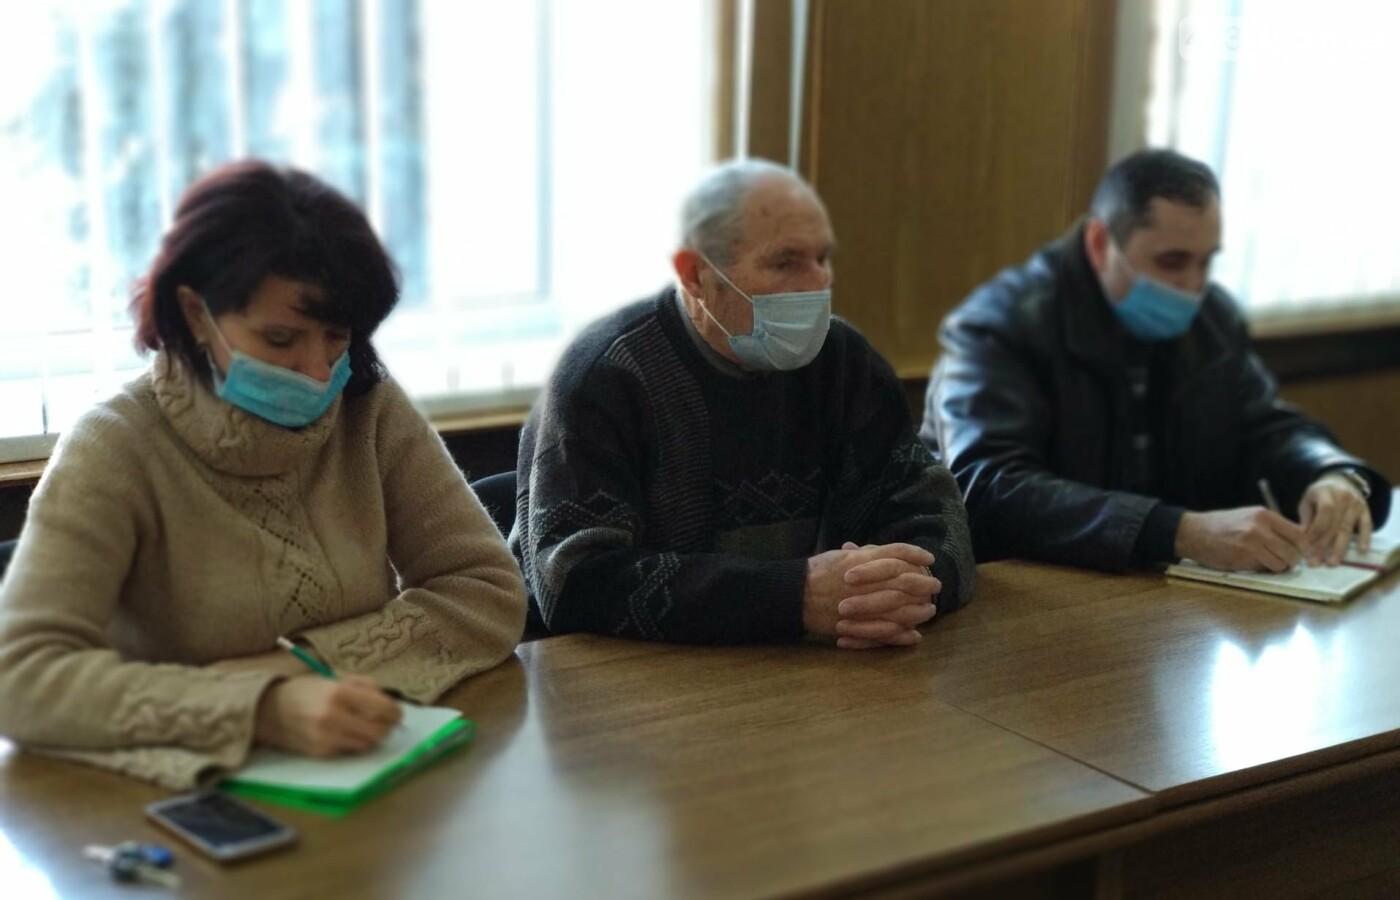 Смілянам виплатять 77 тисяч матеріальної допомоги, фото-3, Смілянська міська рада